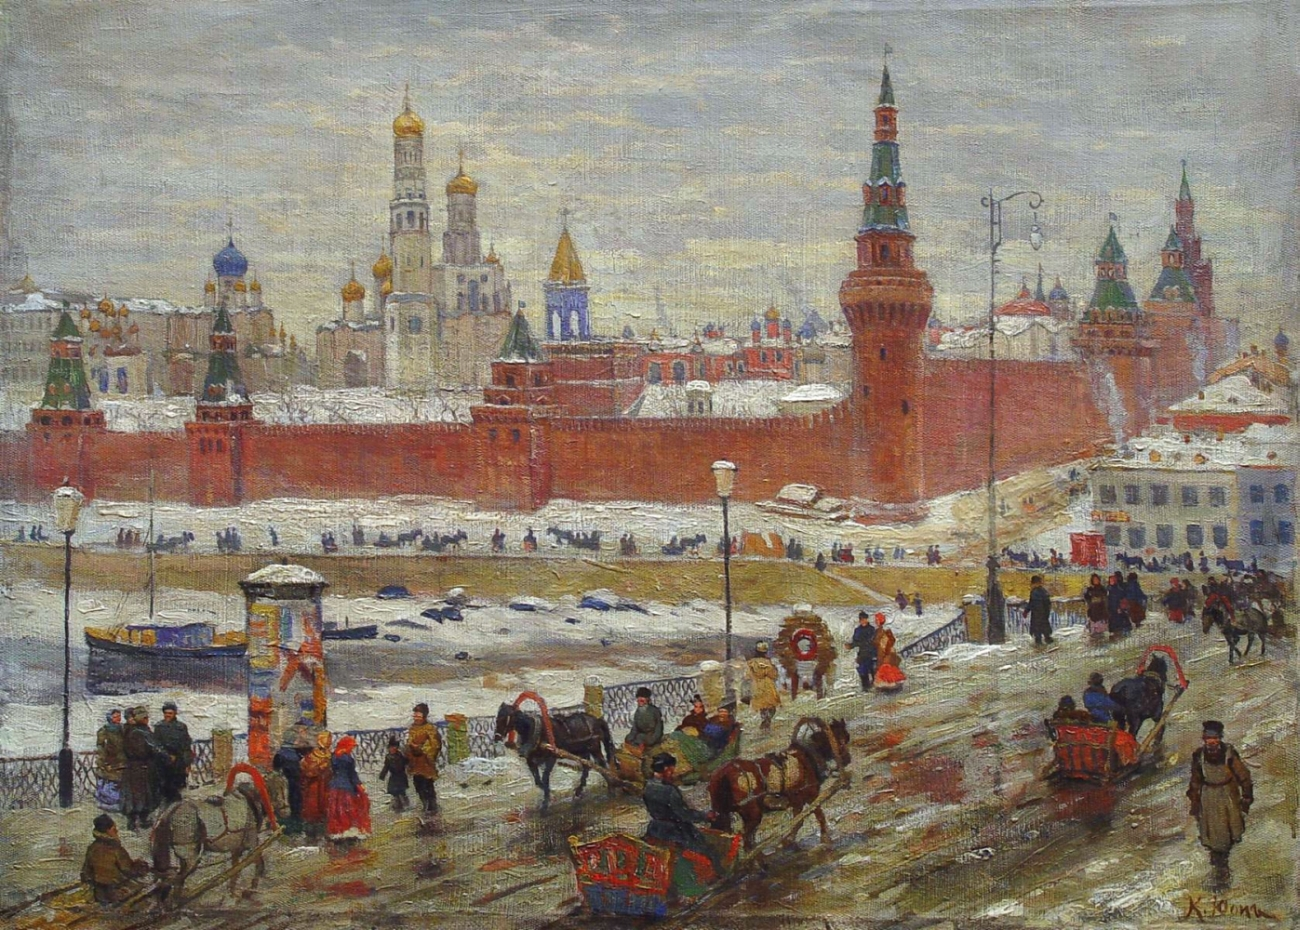 праведничество в русской литературе конца 19 века сочинение